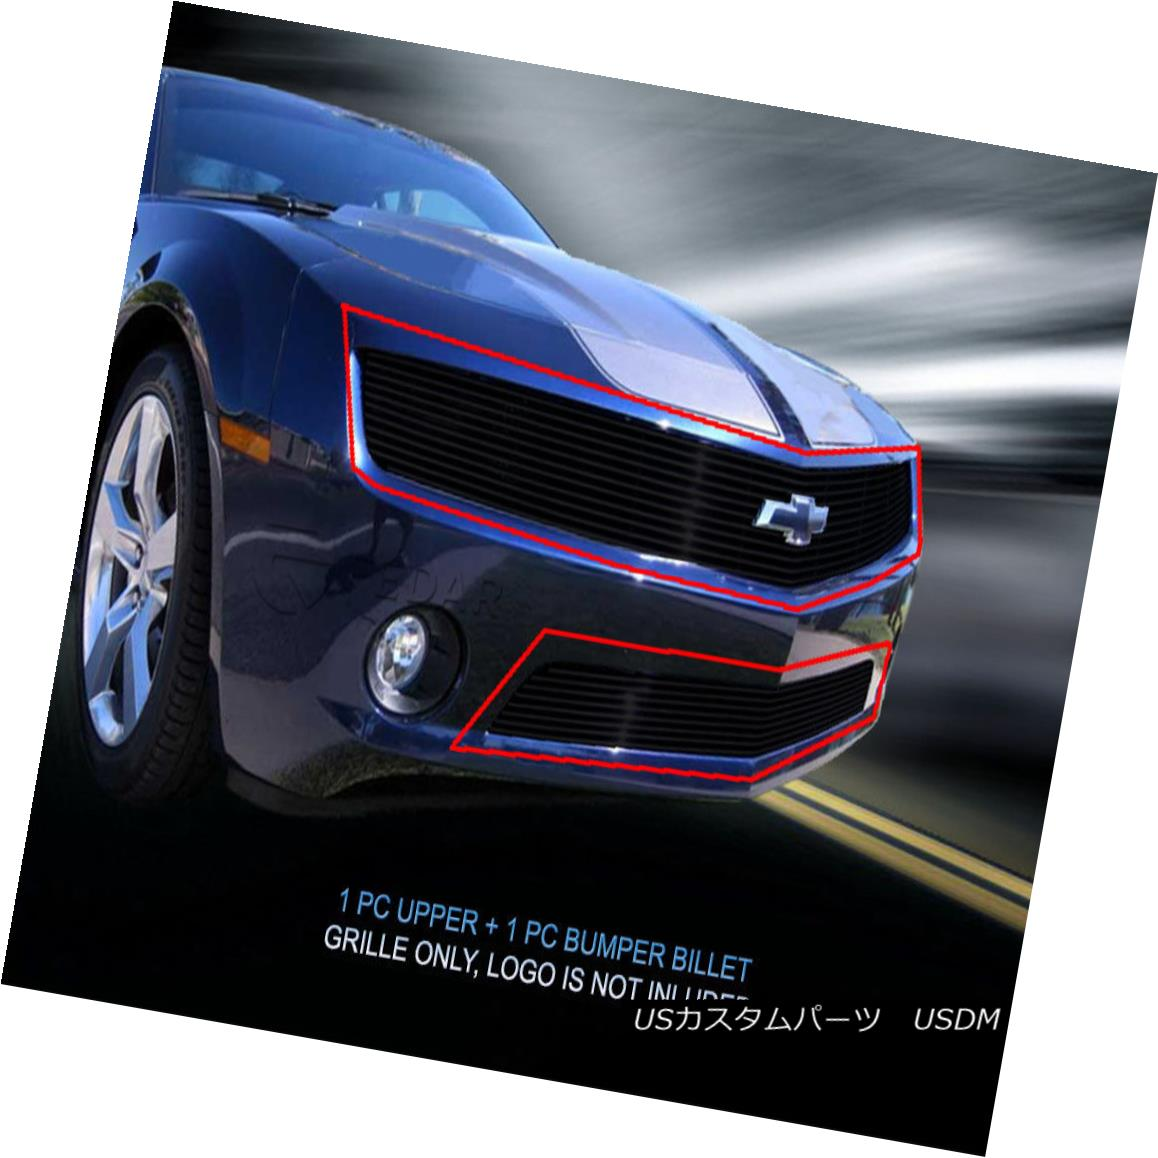 グリル Fedar Fits 2010-2013 Chevy Camaro LT V6/LS V6 Black Billet Grille Insert Fedarは2010-2013年を適合させるChevy Camaro LT V6 / LS V6 Black Billet Grille Insert